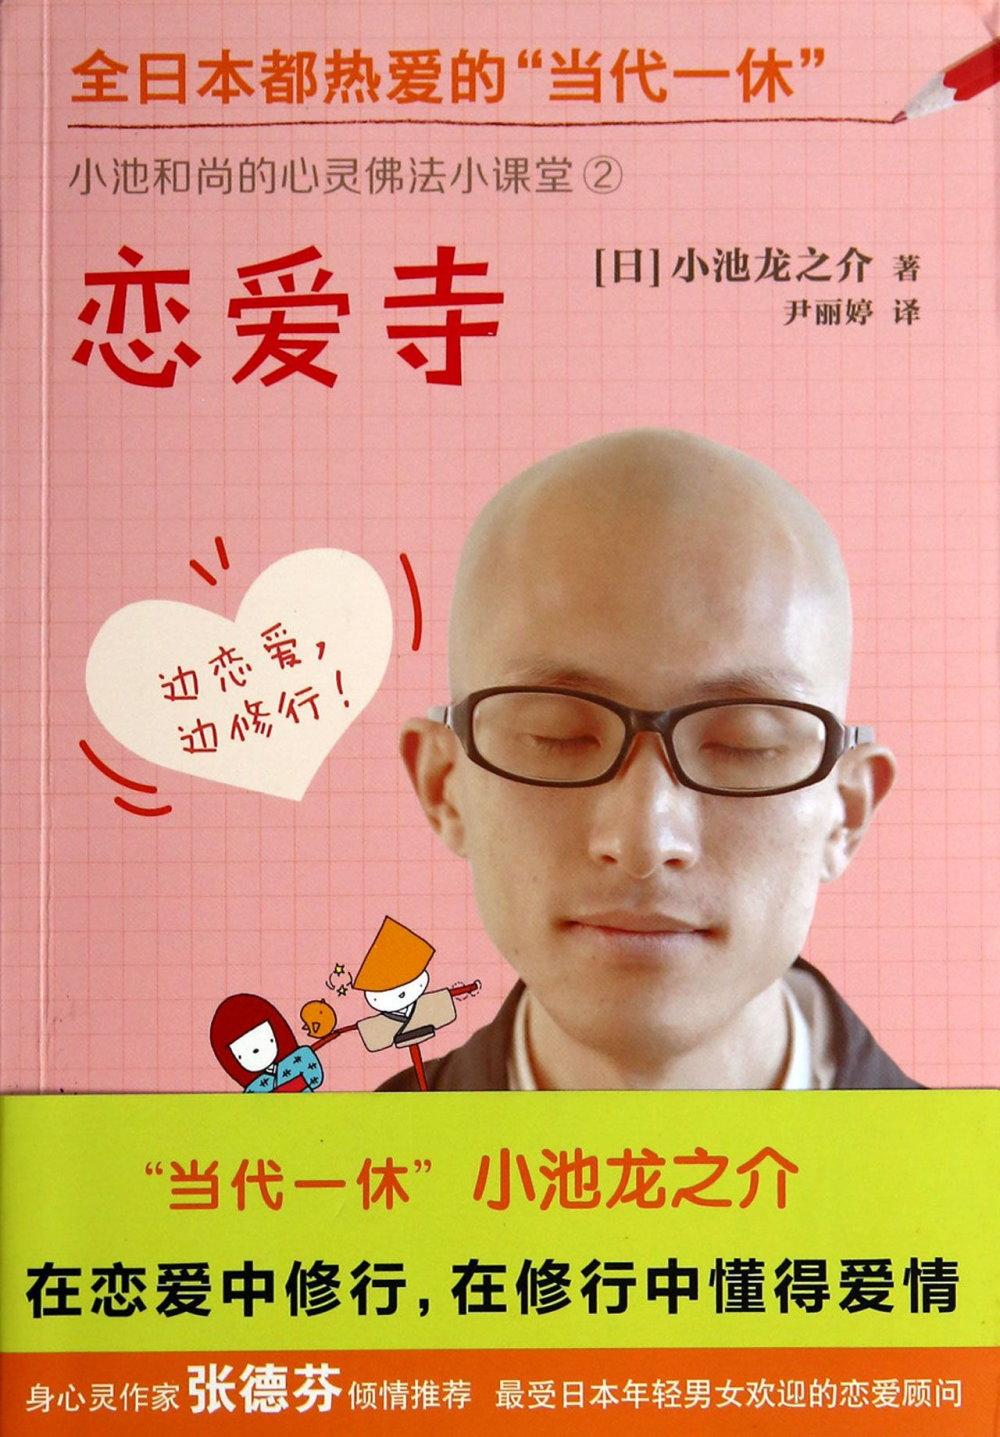 全日本都熱愛的「當代一休」:小池和尚的心靈佛法小課堂②戀愛寺